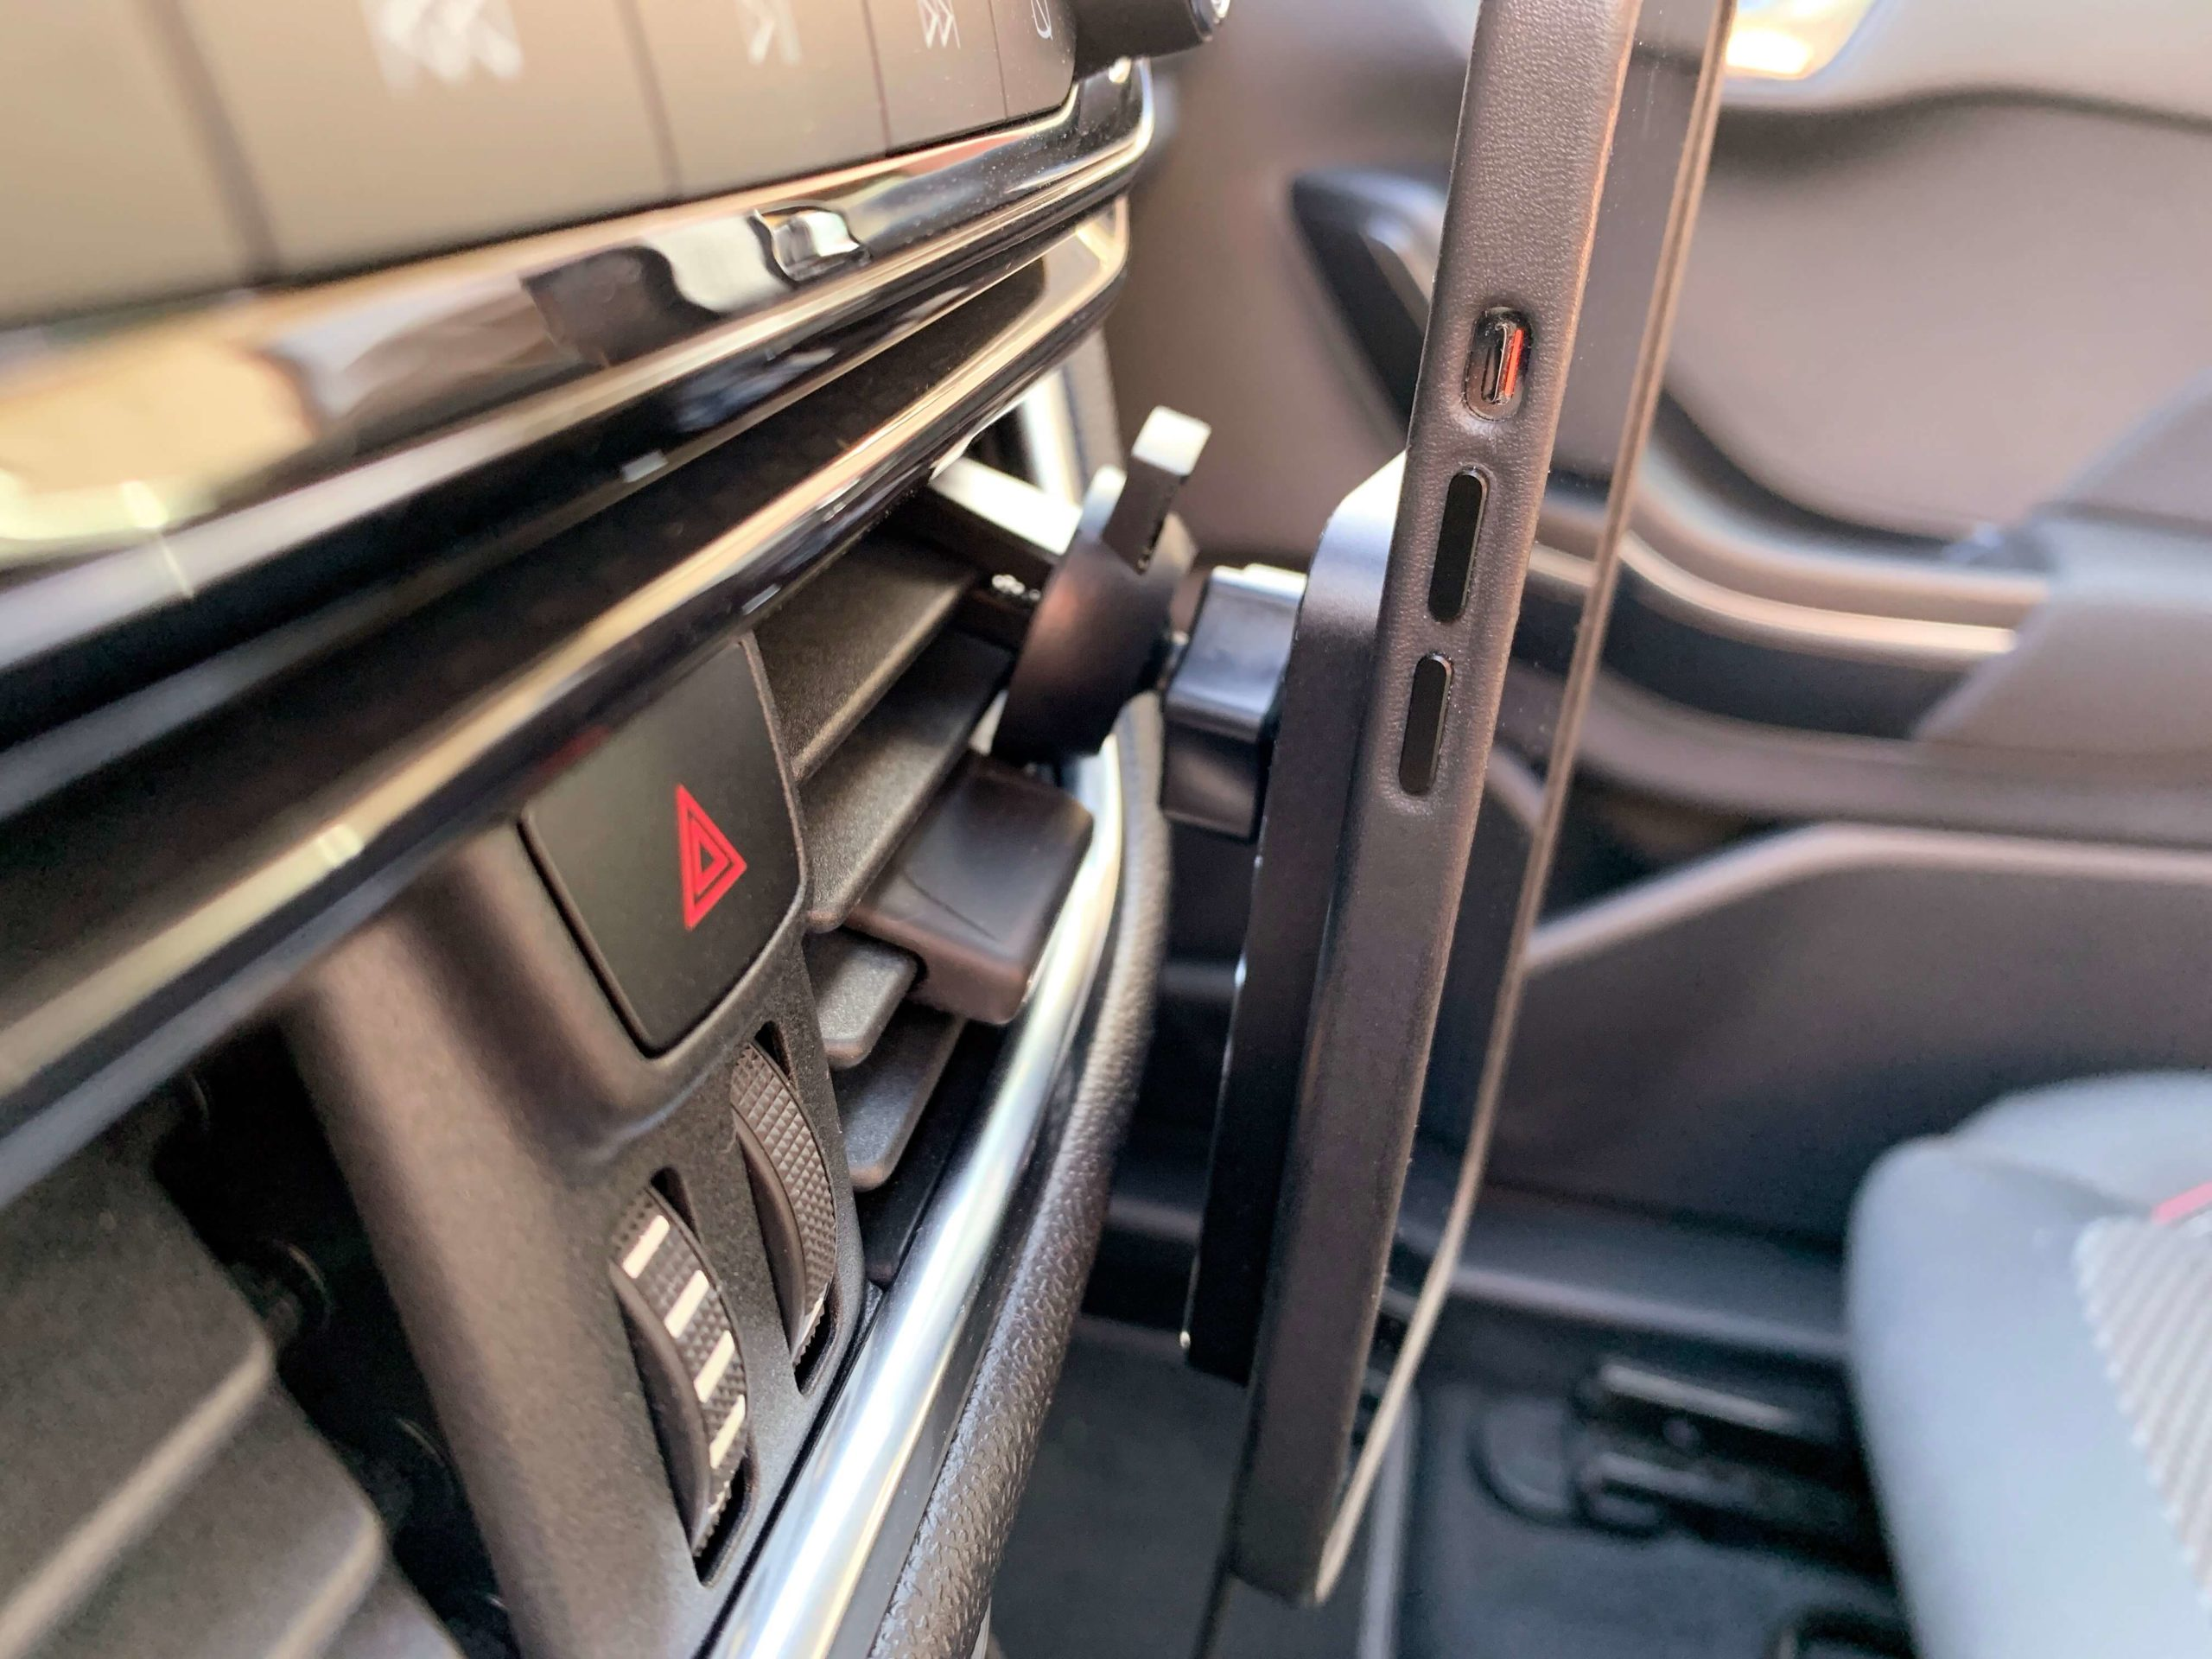 Drahtlos-das-iPhone-im-Auto-via-MagSafe-aufladen-einfach-und-fuer-jeden1-scaled Drahtlos das iPhone im Auto via MagSafe aufladen